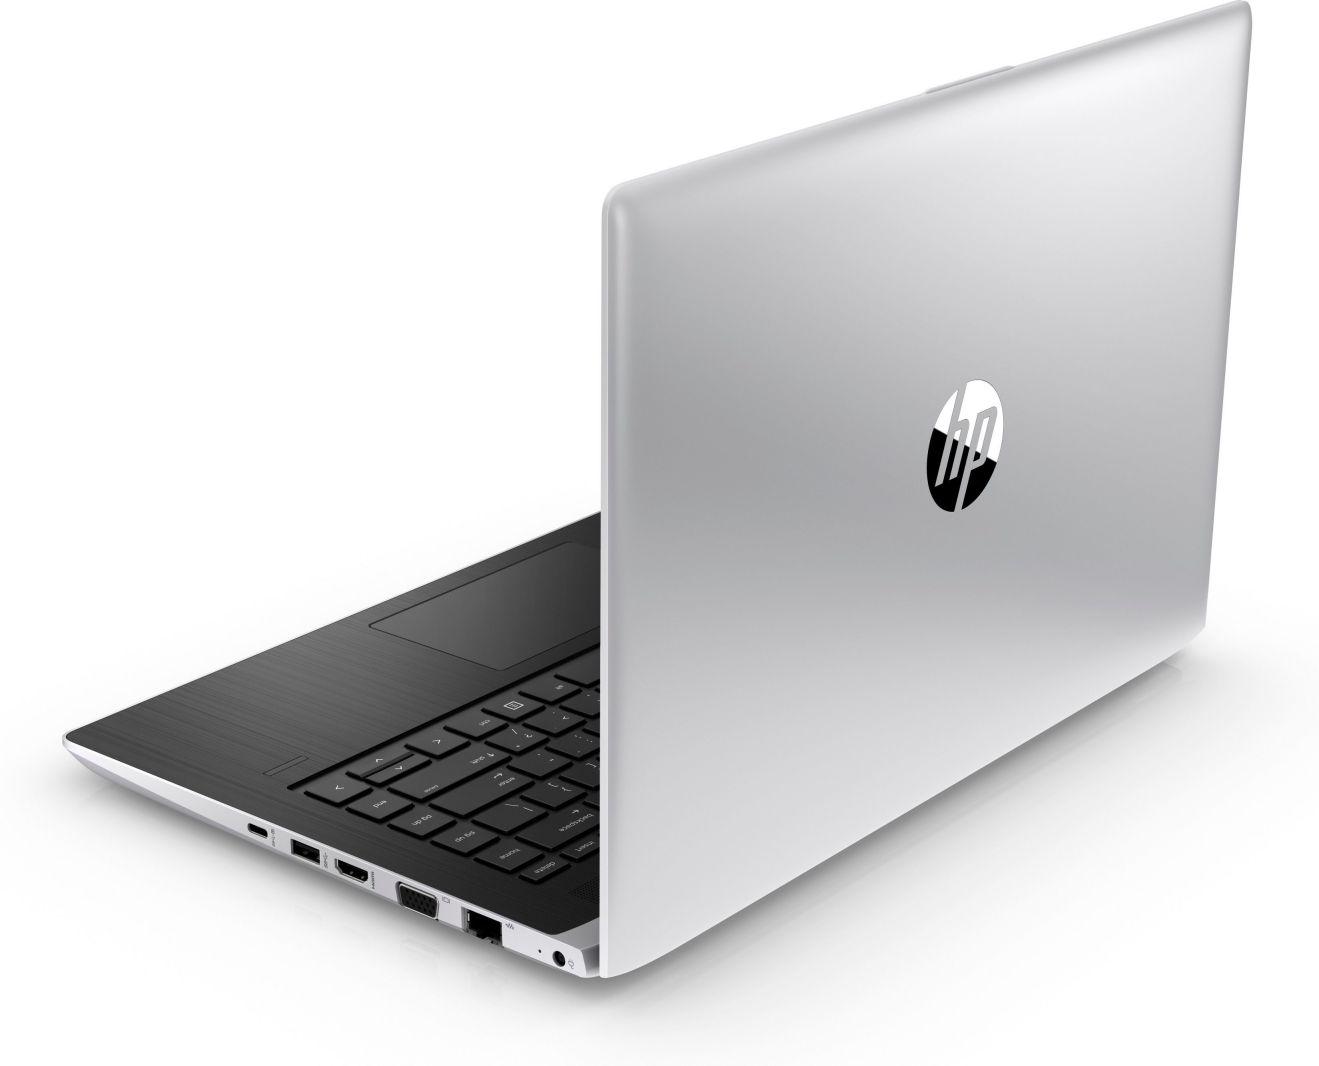 Hp Probook 440 Core I3 4 128 Gb W10 Prof